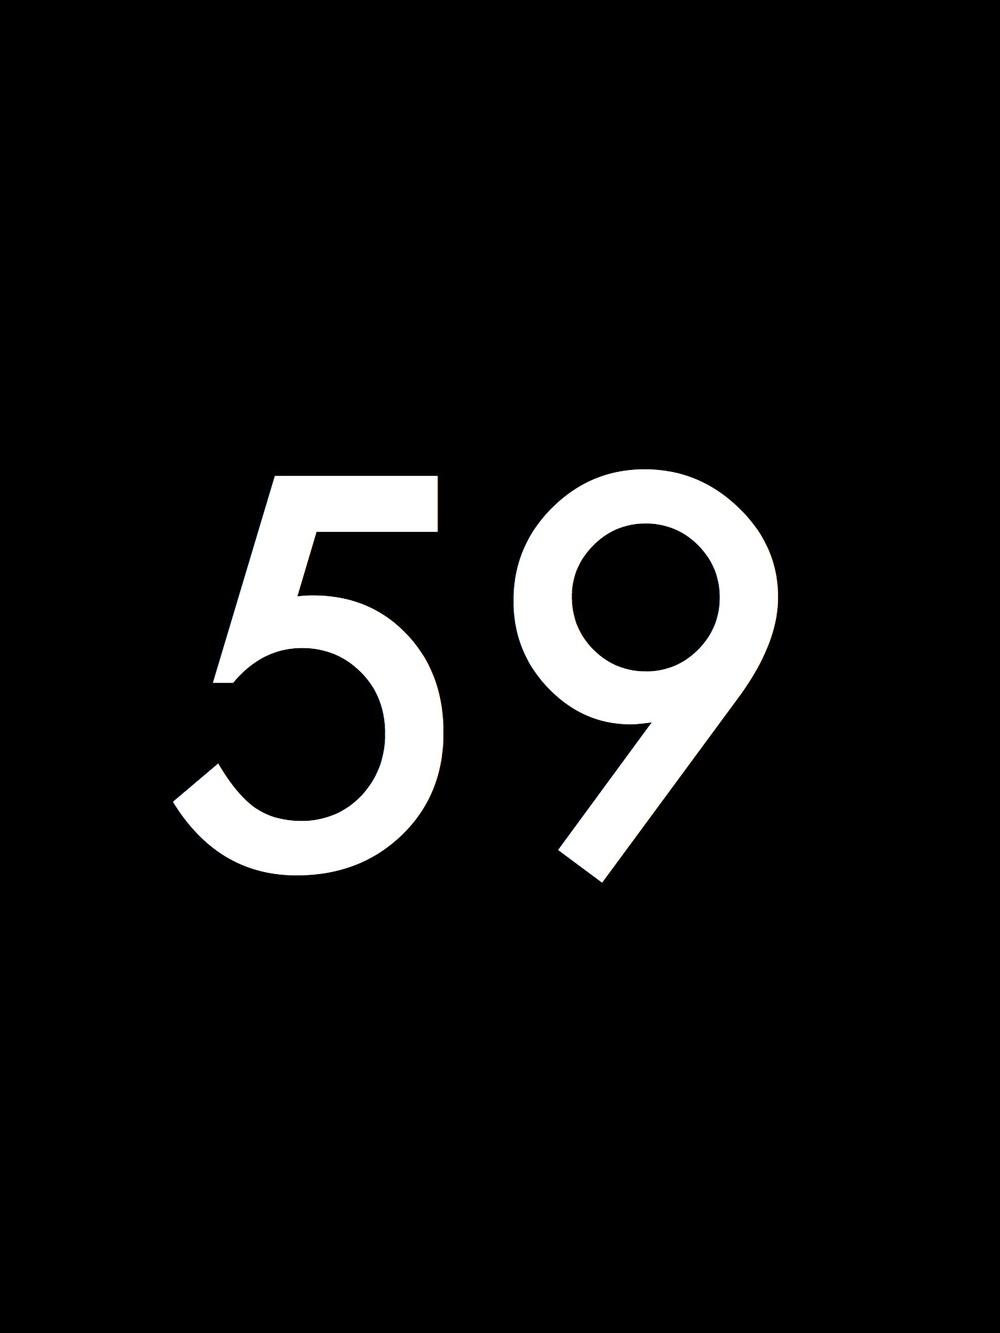 Black_Number.059.jpg